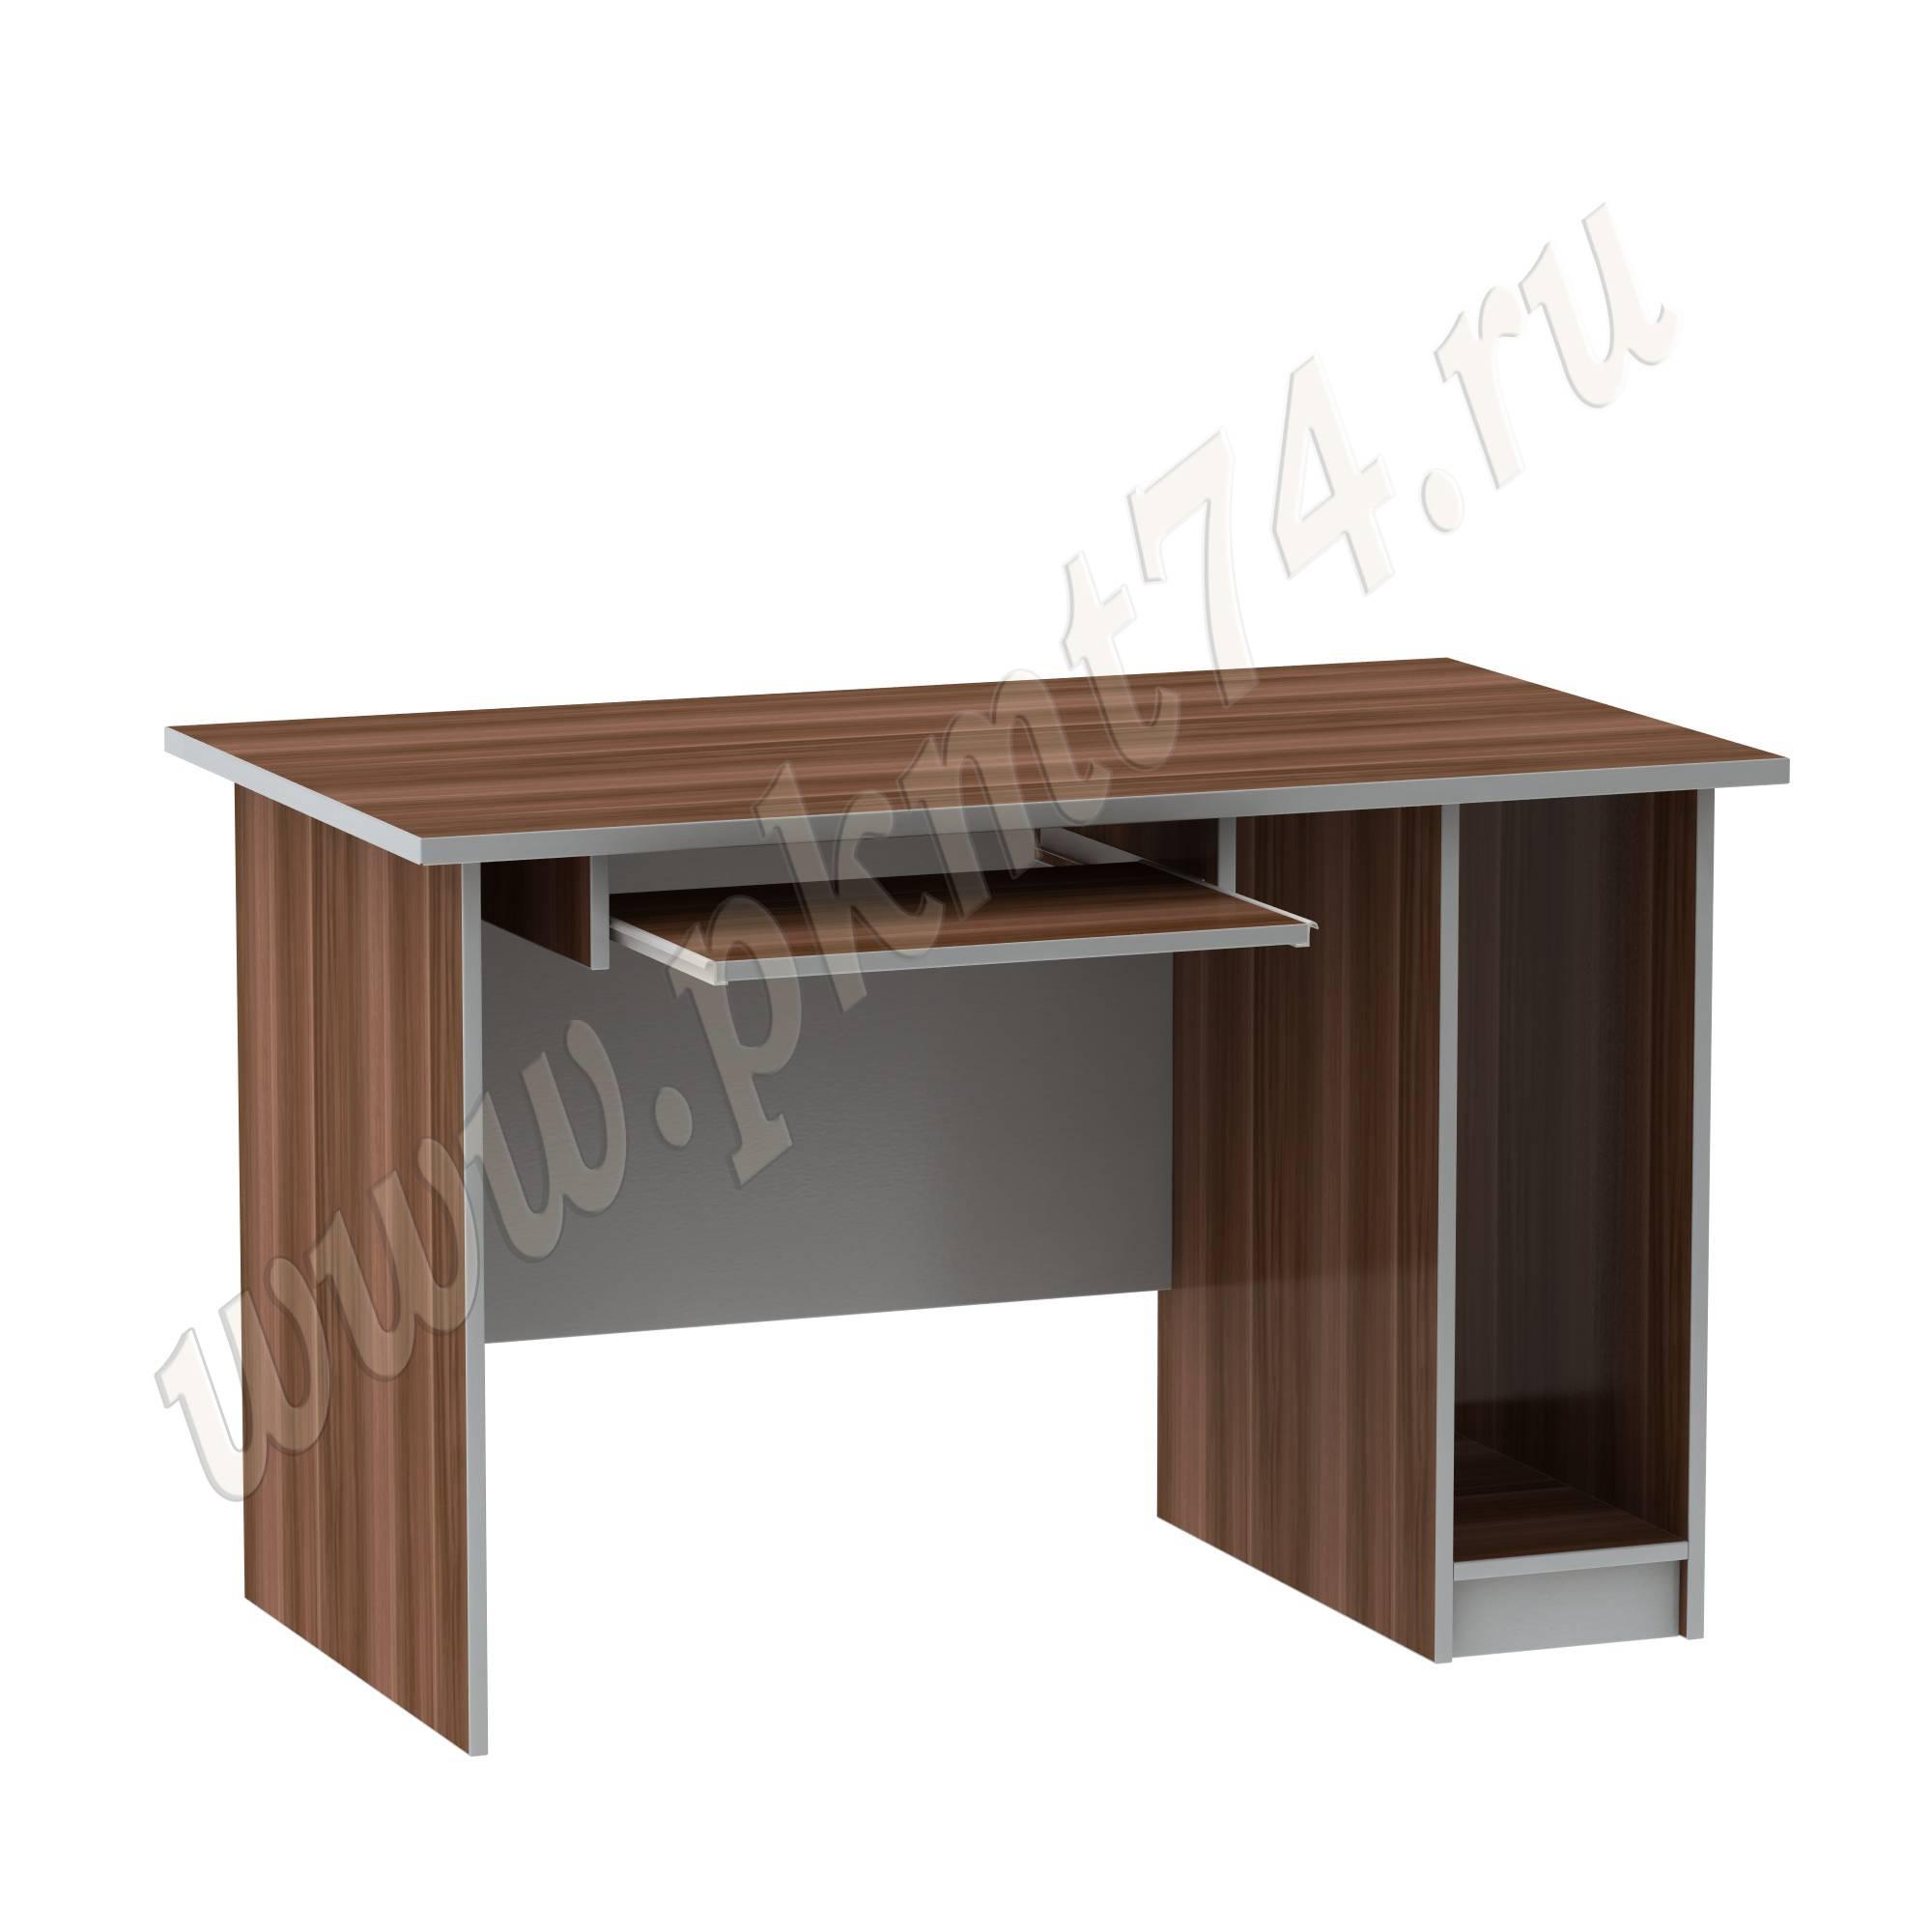 Стол офисный с подставкой под системный блок [Стандартный цвет:: Орех; Цвета ЛДСП на выбор:: Слива-Алюминий]